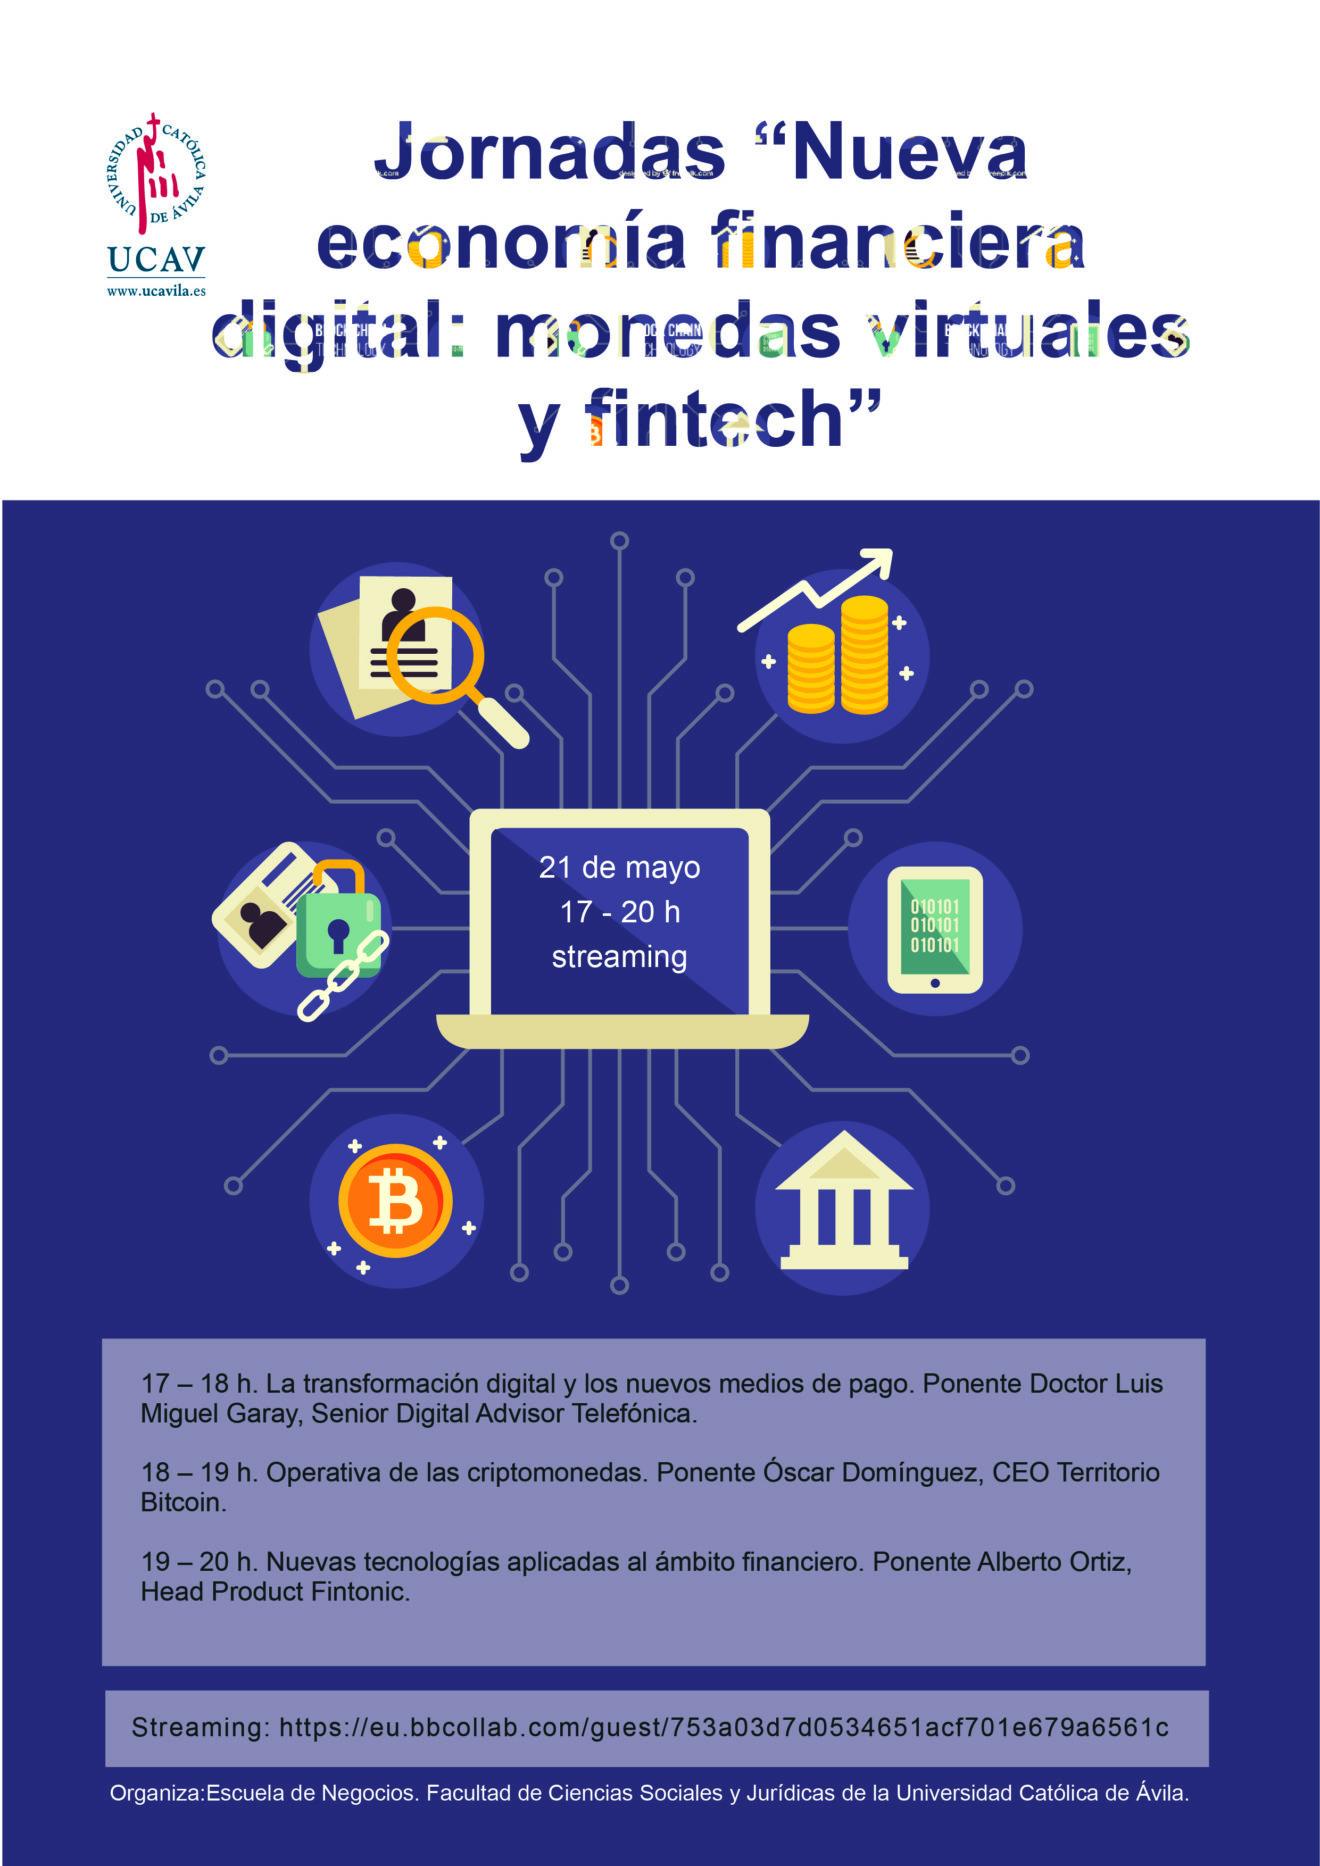 La economía financiera digital, tema central de las próximas jornadas de la UCAV